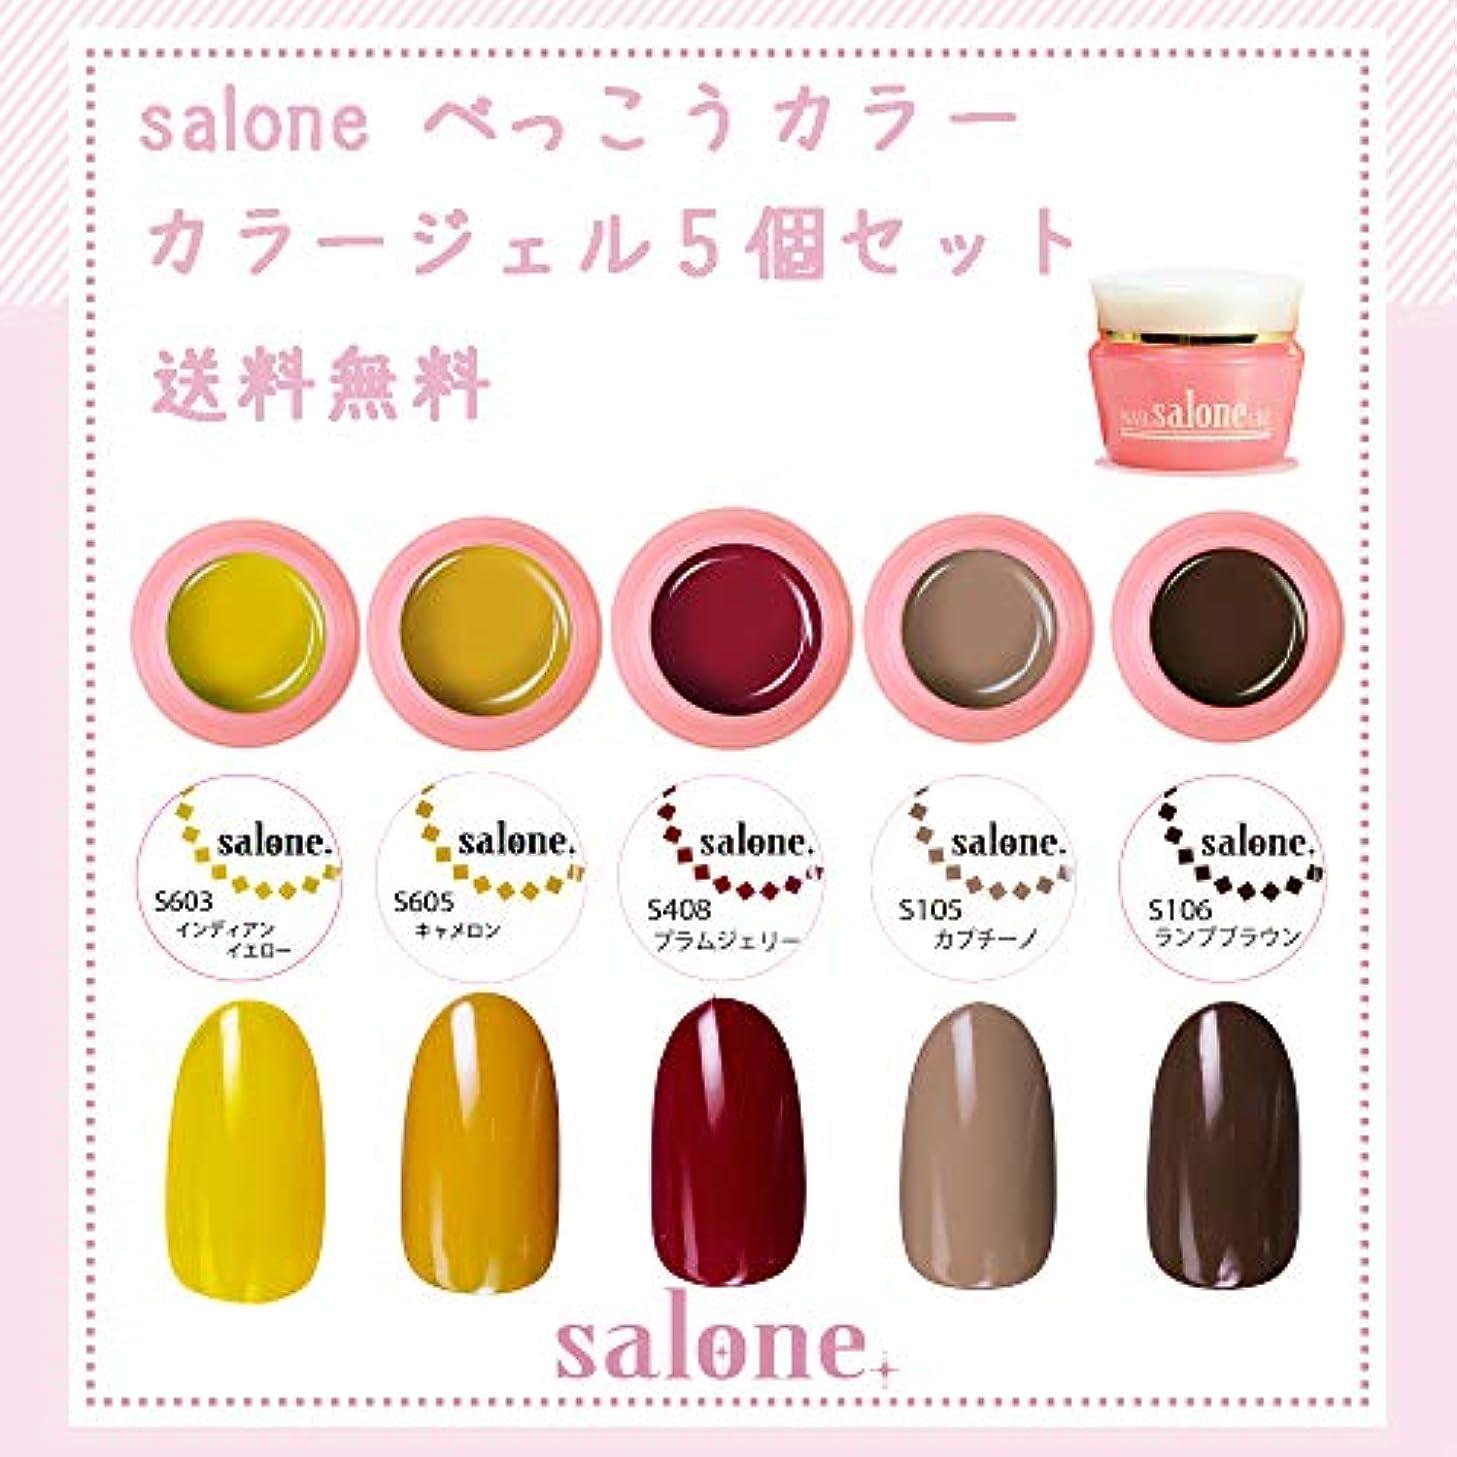 【送料無料 日本製】Salone べっ甲ネイル カラージェル5個セット ネイルのマストテクニック「大人気な」べっ甲ネイルにぴったりなカラー